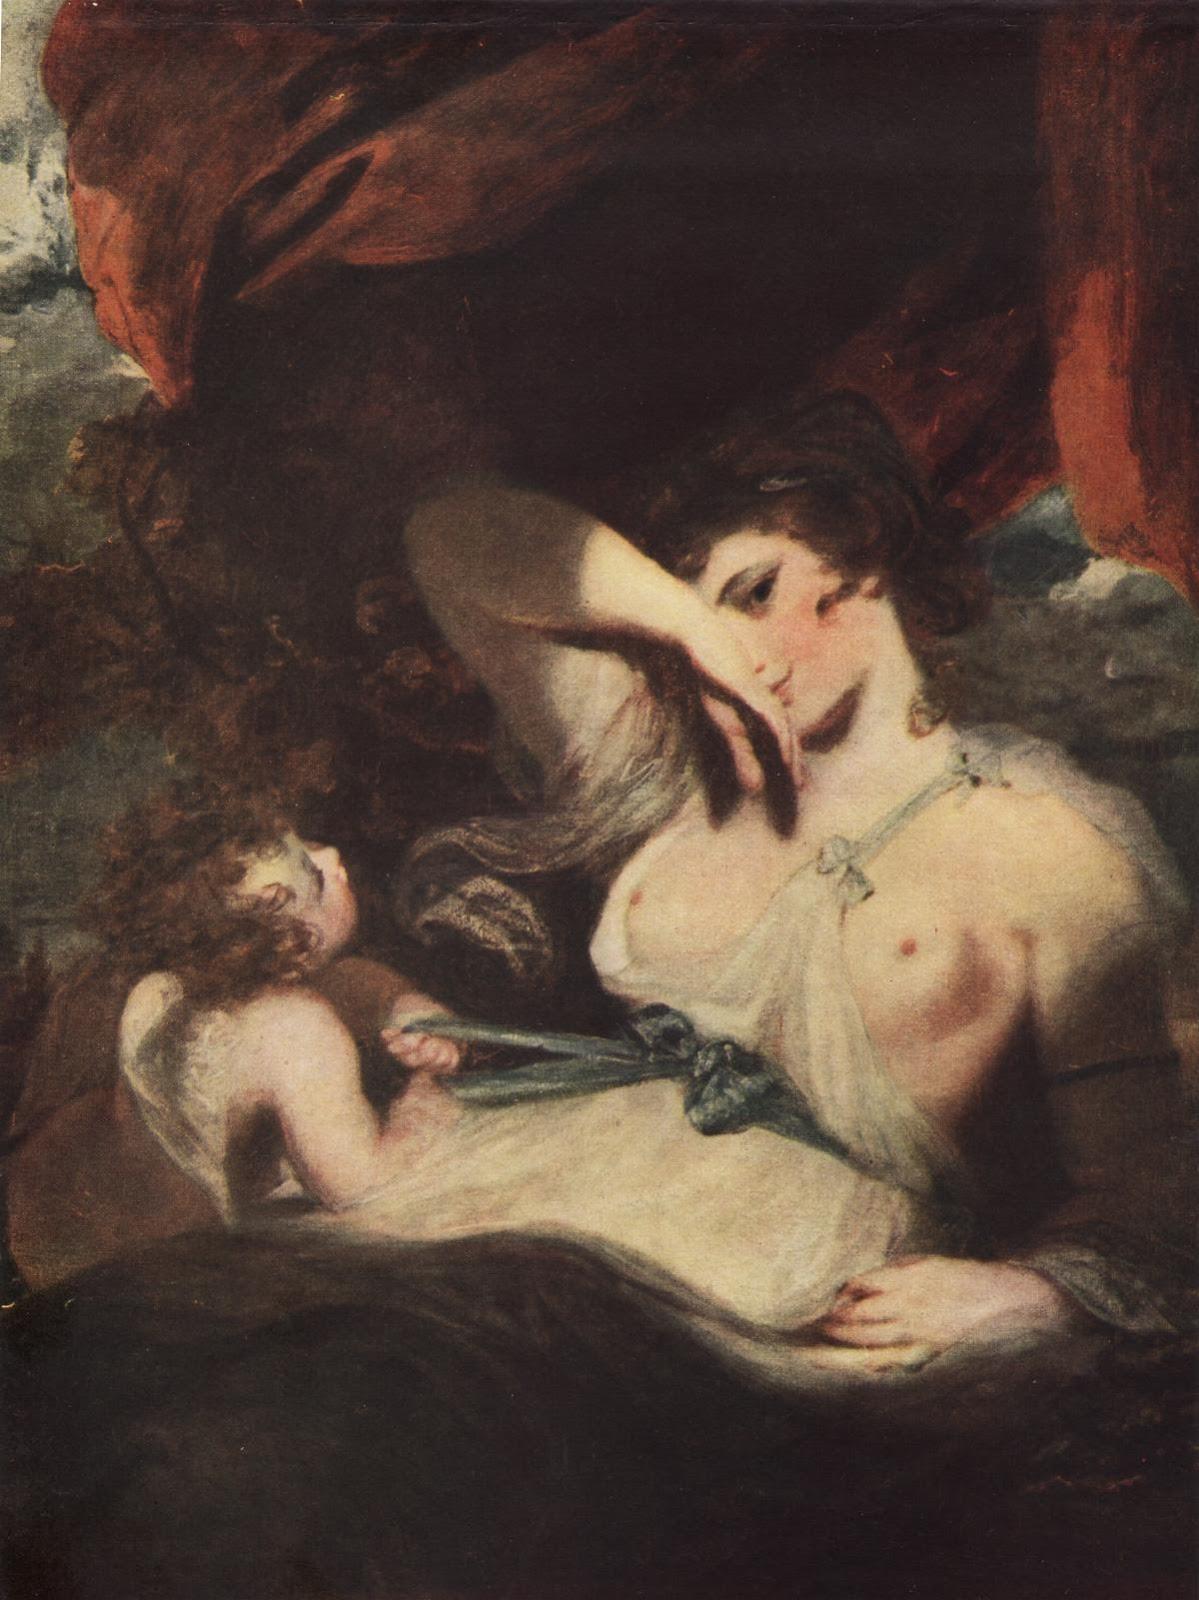 Erotica 18th century